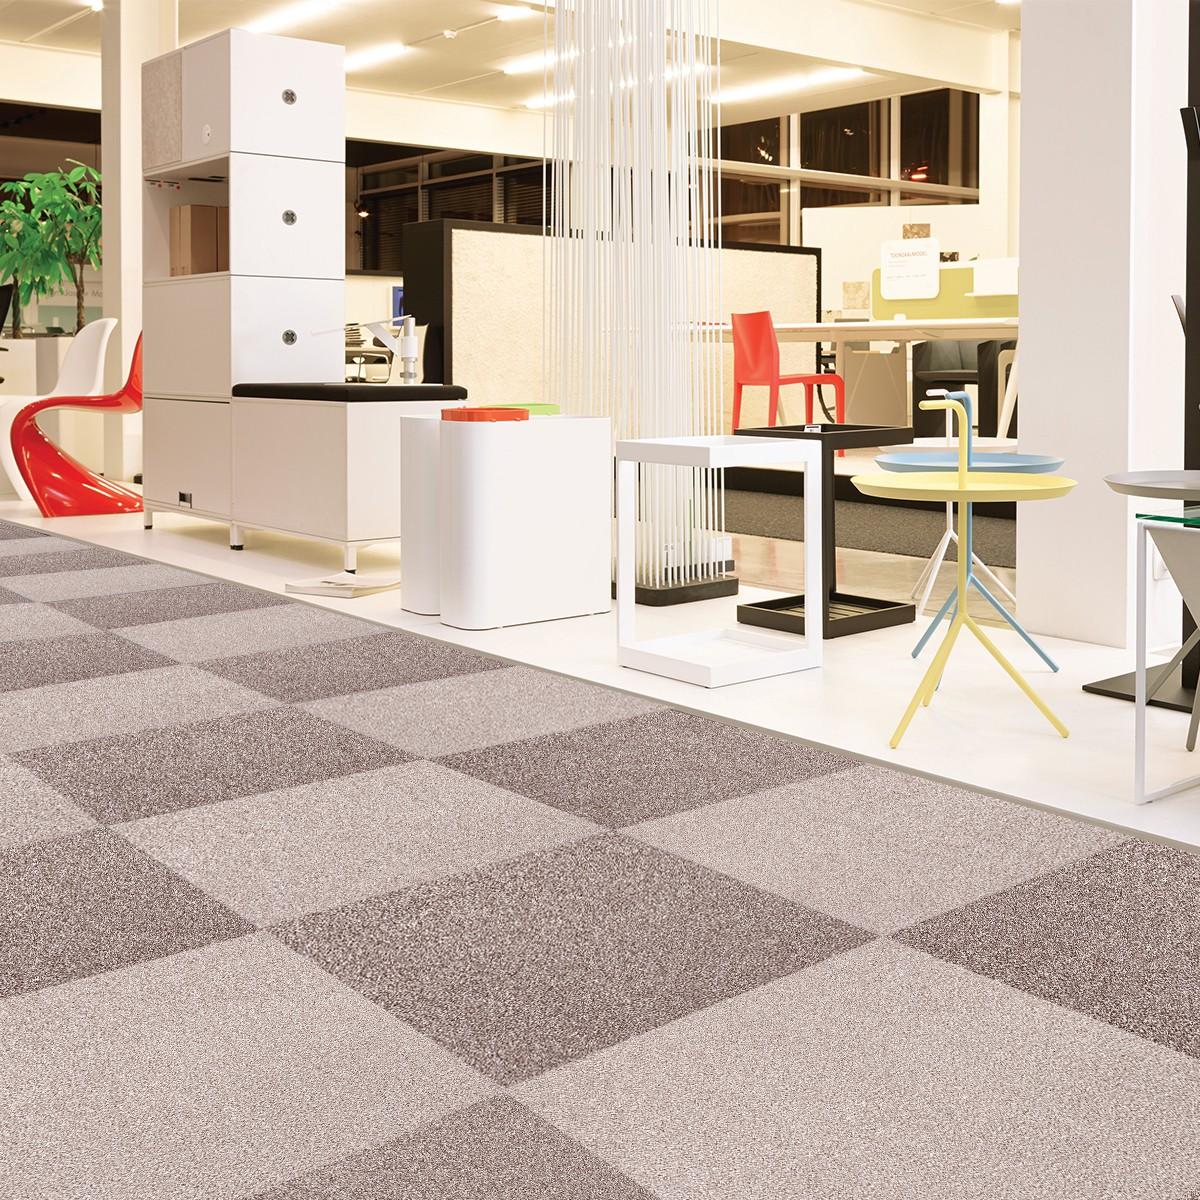 Modular floor tile